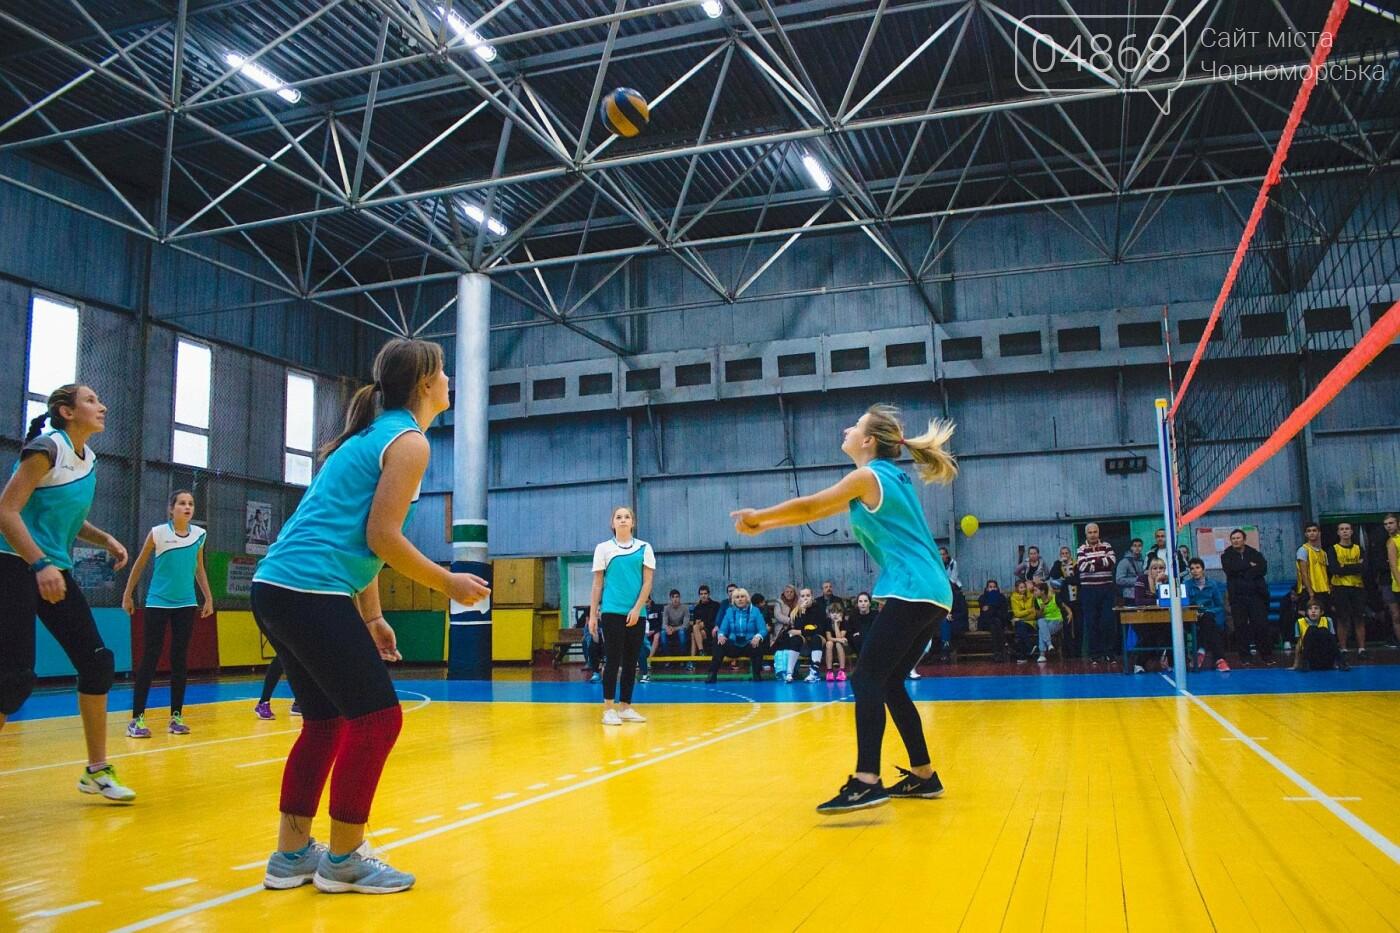 В Черноморске проходит городская спартакиада по волейболу, фото-3